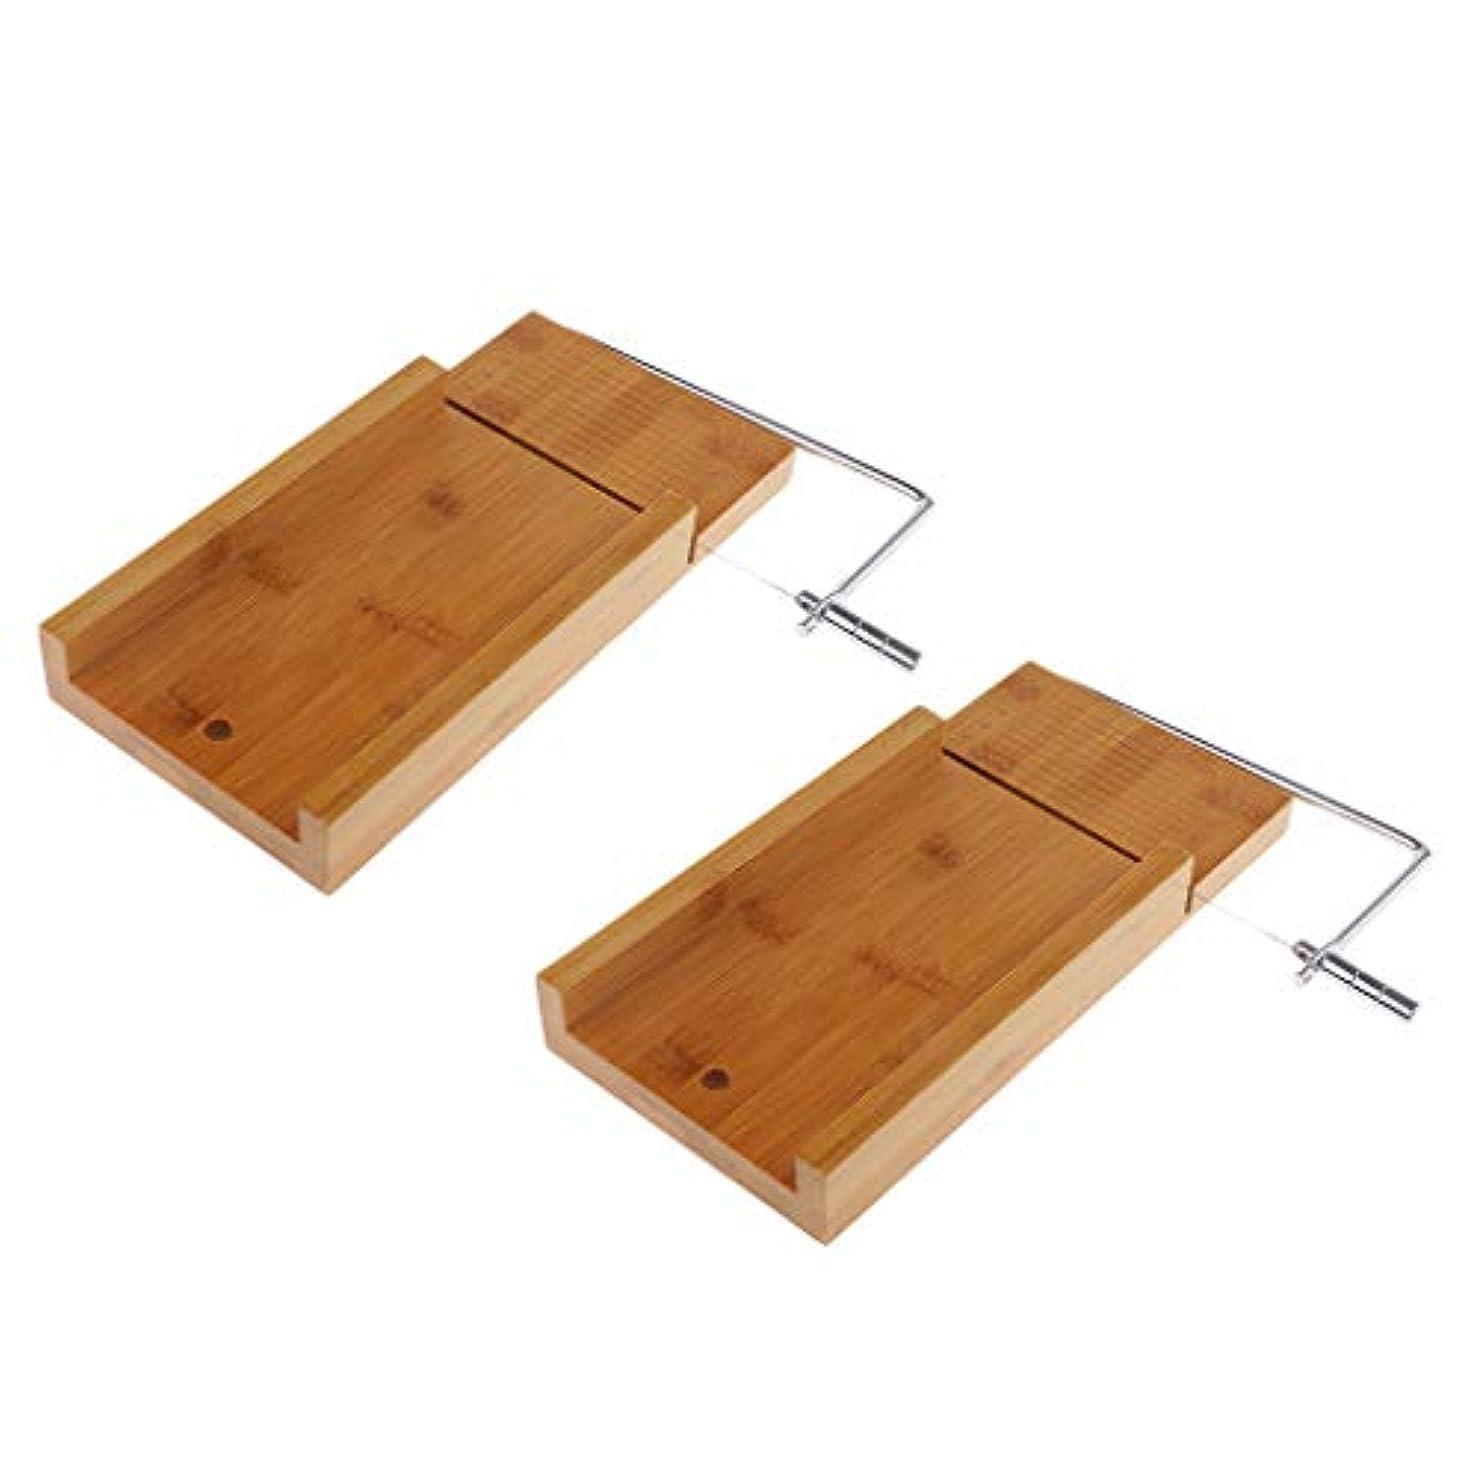 表面的な商品依存するソープカッター 台 木質 チーズナイフ せっけんカッター ワイヤー ソープスライサー 2個入り